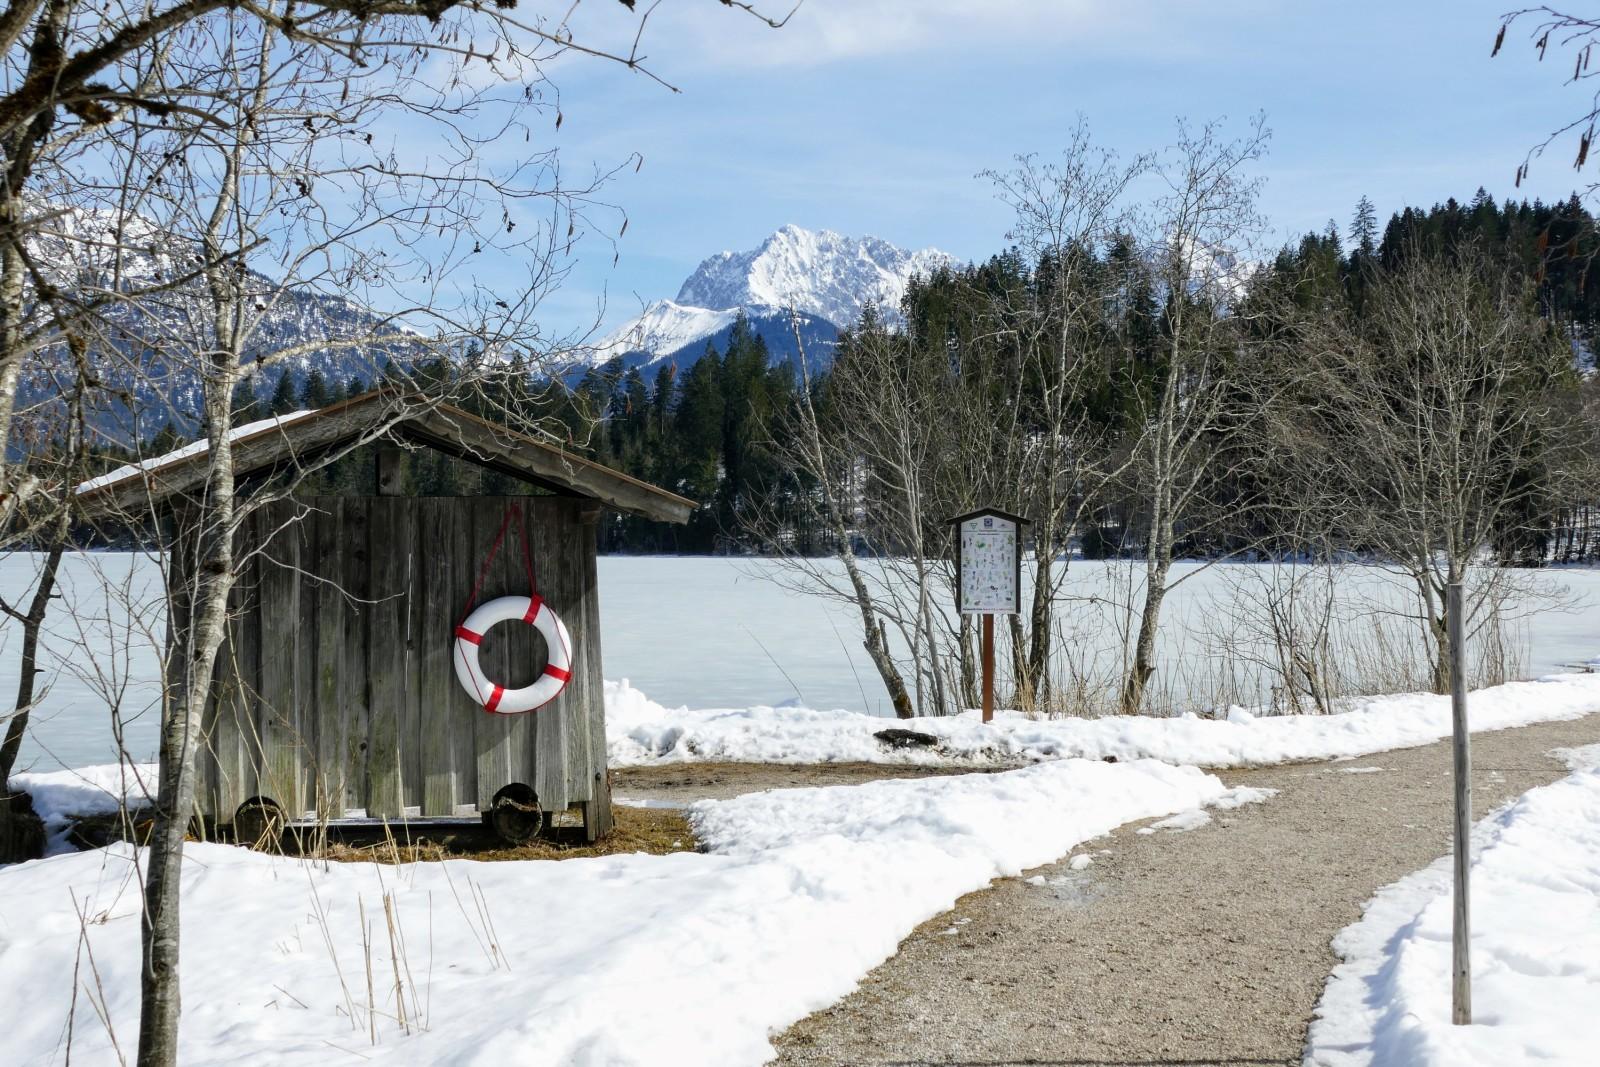 Aussicht vom Barmseerundweg auf das Karwendelgebirge